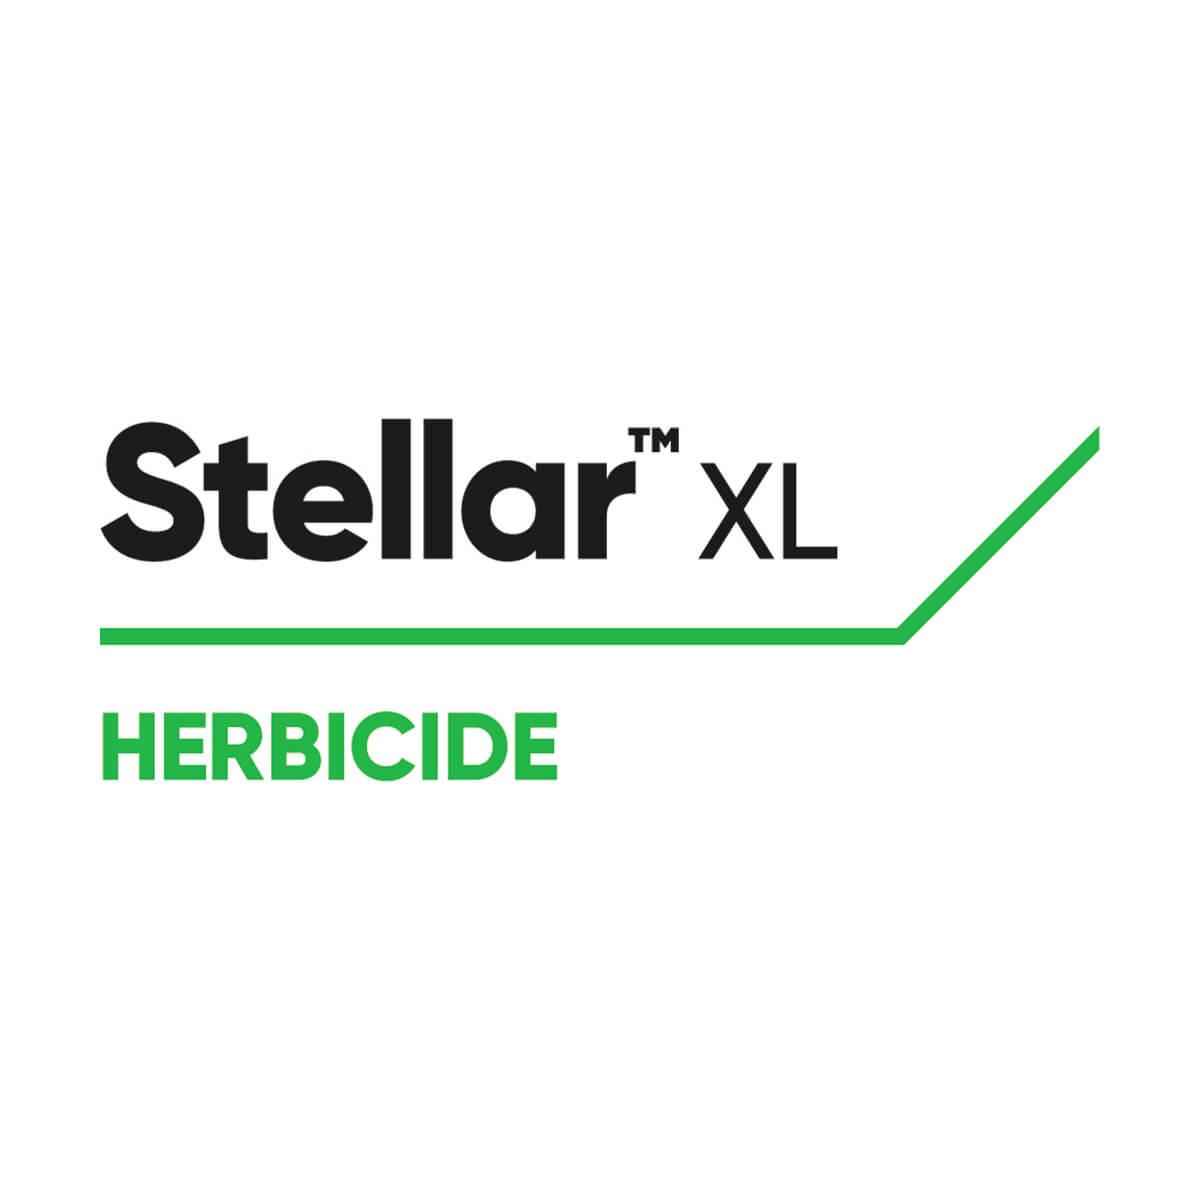 STELLAR XL - 518 L Tote